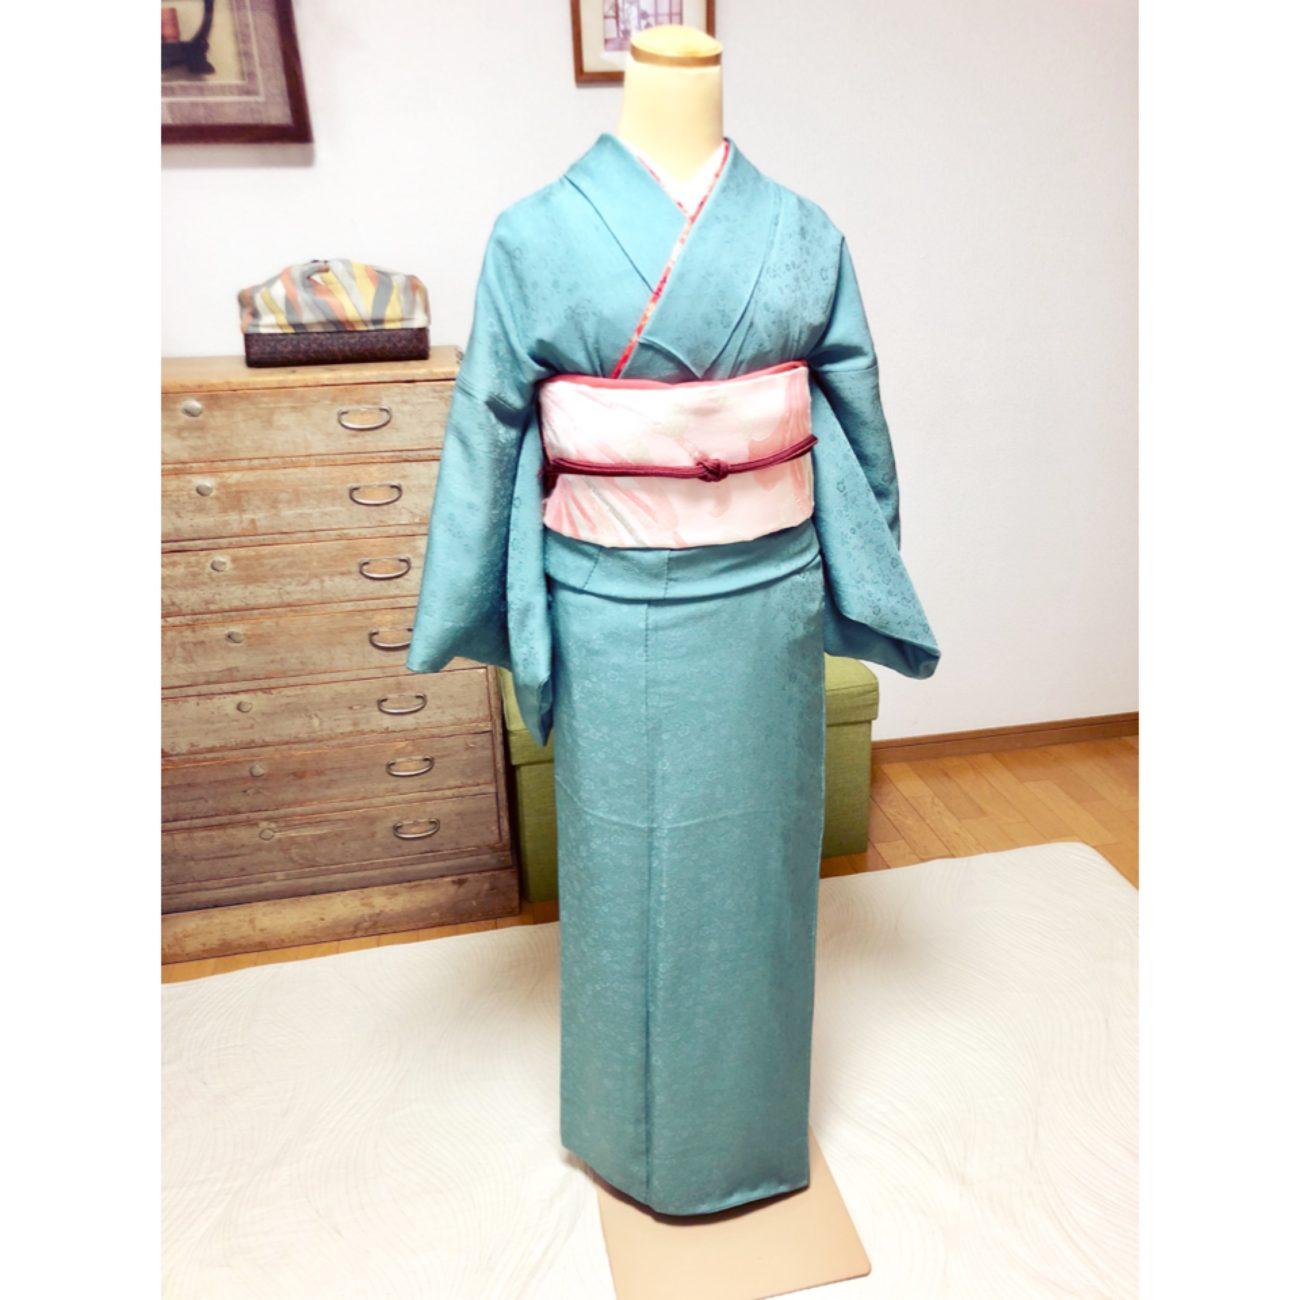 伊達衿が綺麗!着せ付けコース・礼装着物の着せ方【大阪京橋の個人着付け教室きものたまより】